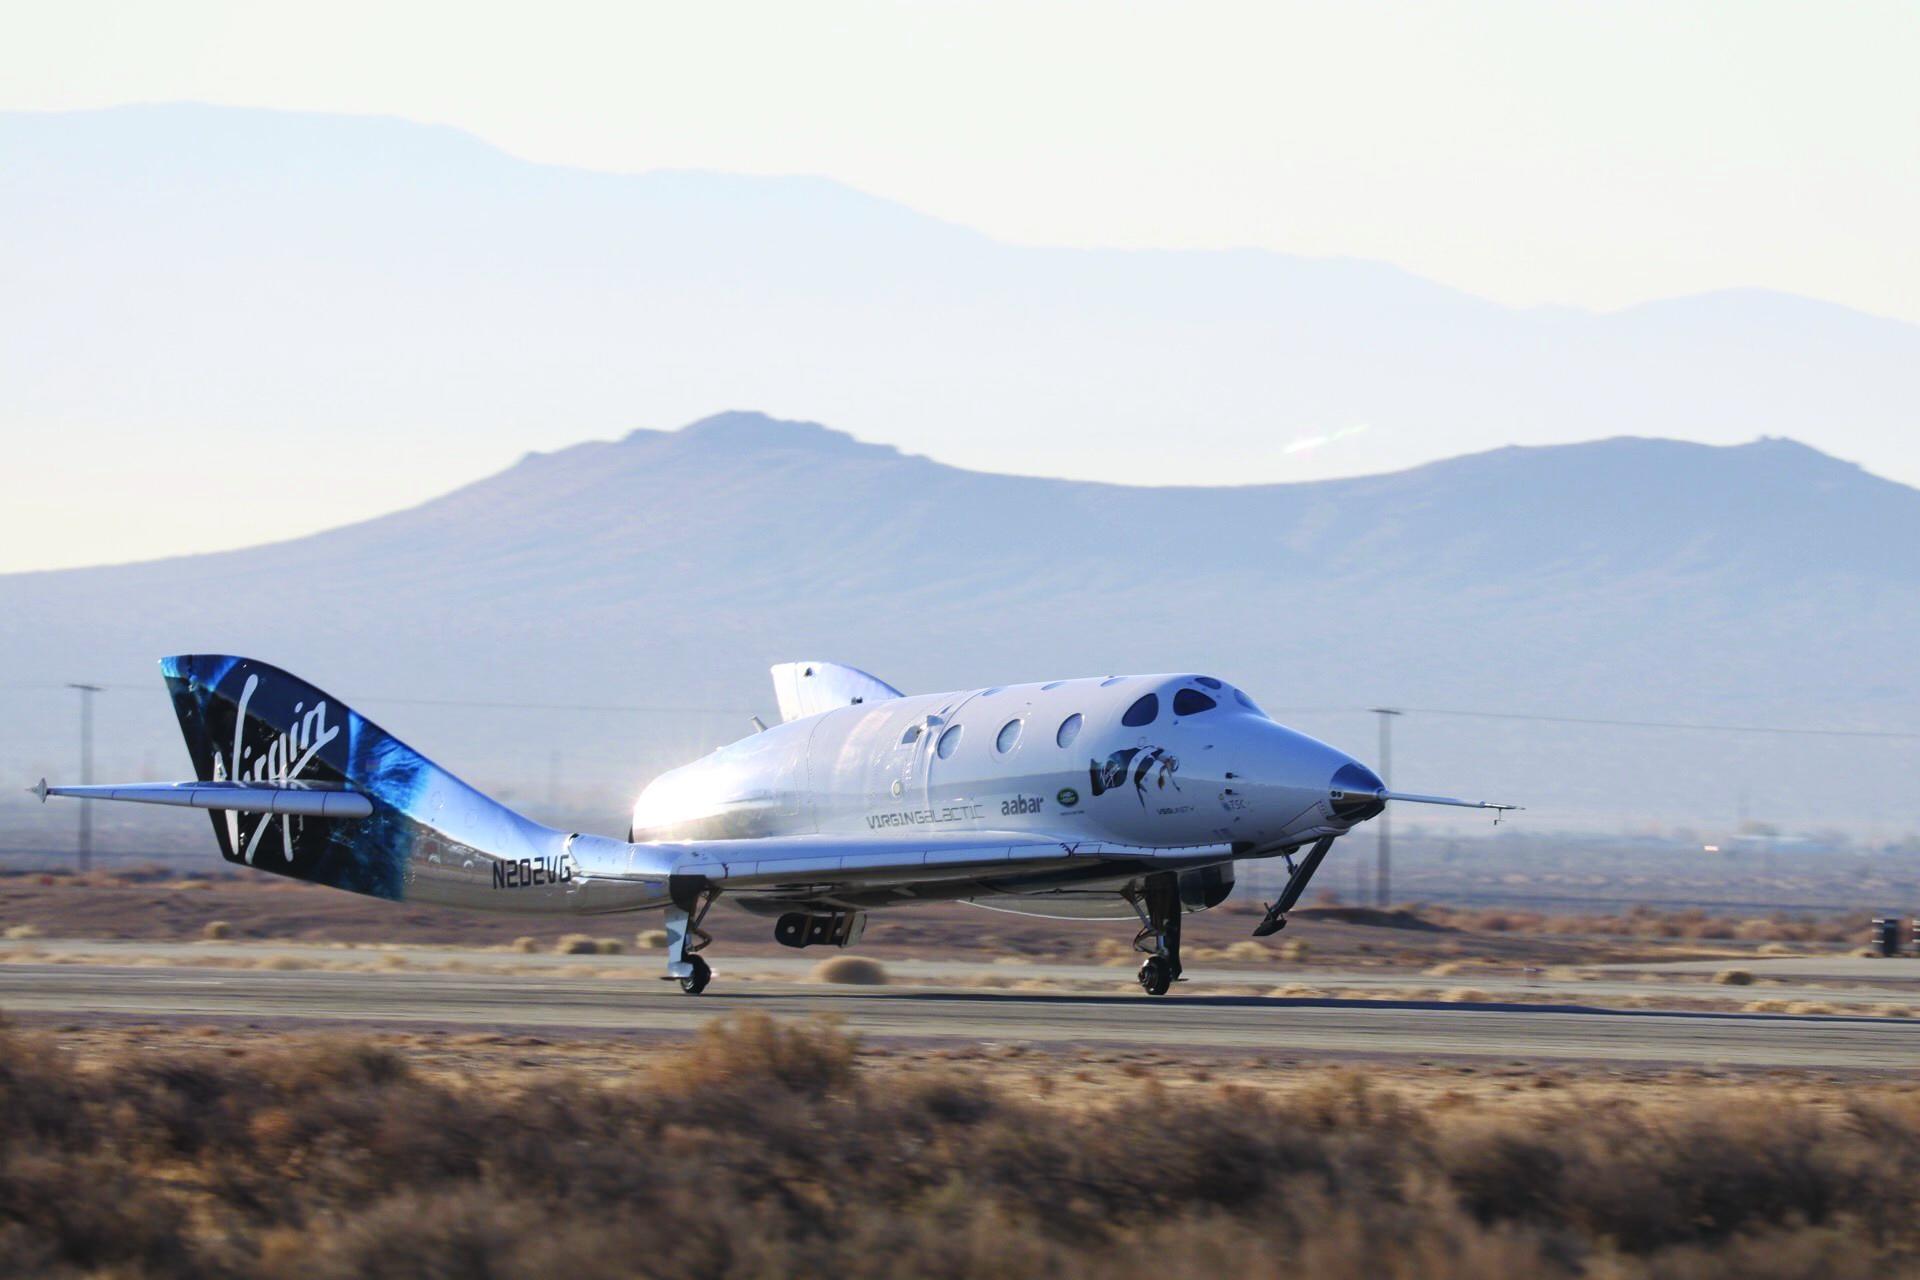 Космический корабль пересёк условную границу атмосферы и благополучно вернулся на Землю.